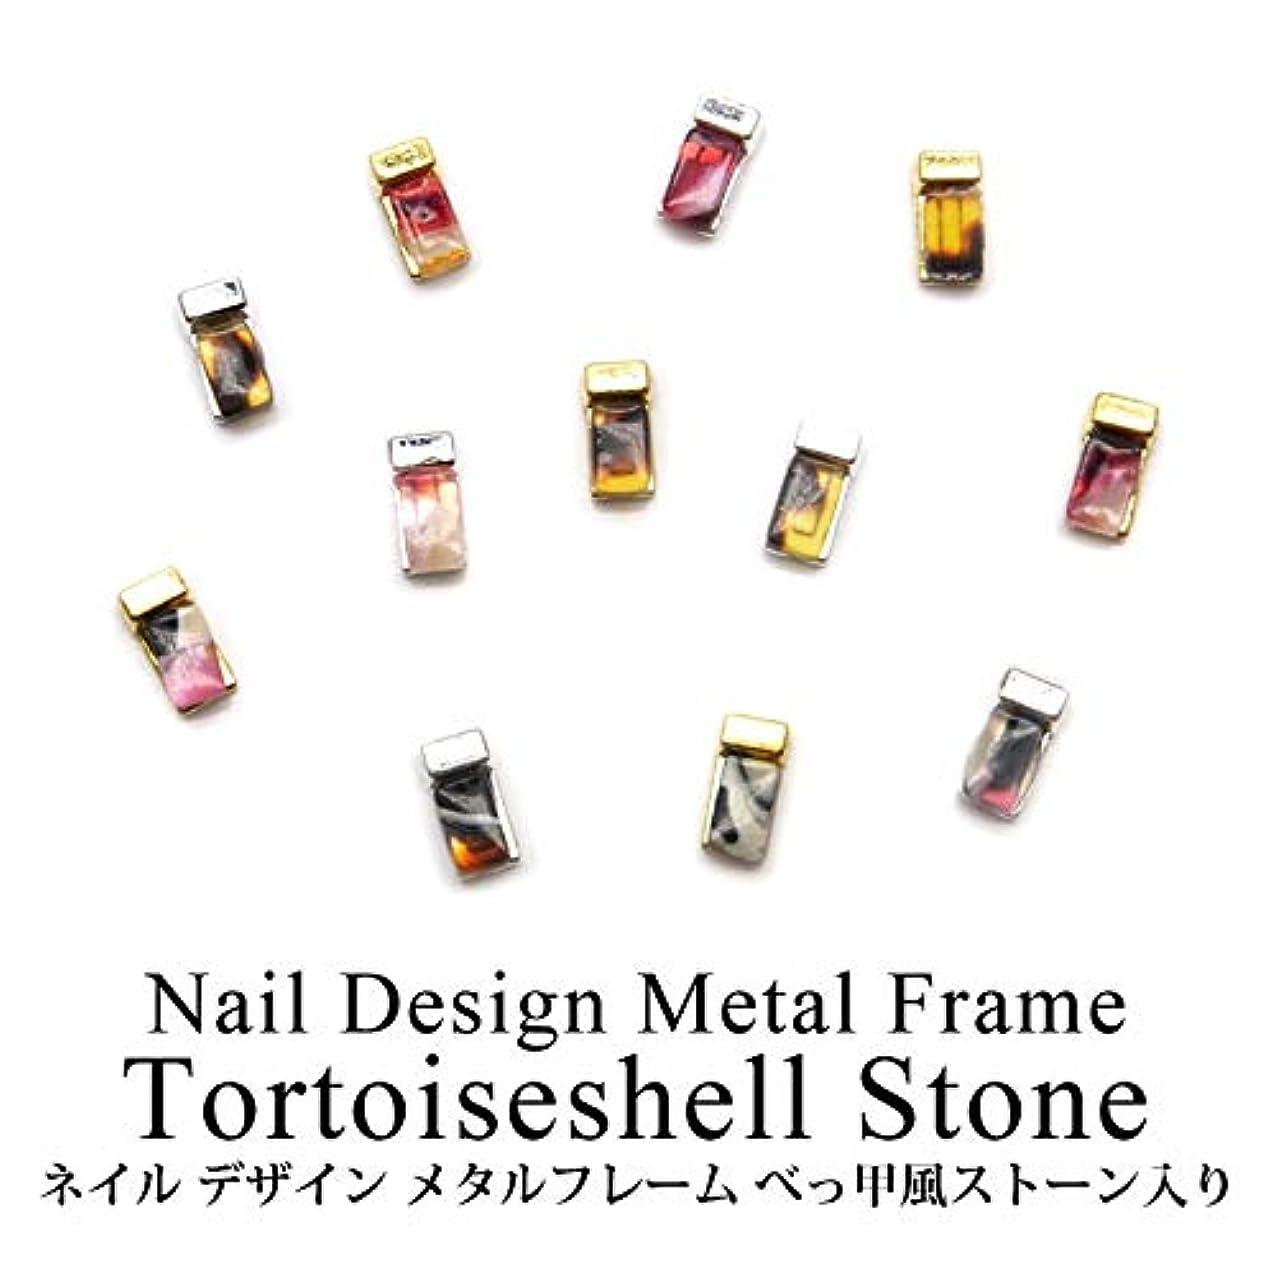 ネイル デザイン メタルフレーム べっ甲風ストーン入り 各種 3個入り (2.デザインコハク系, ゴールド)